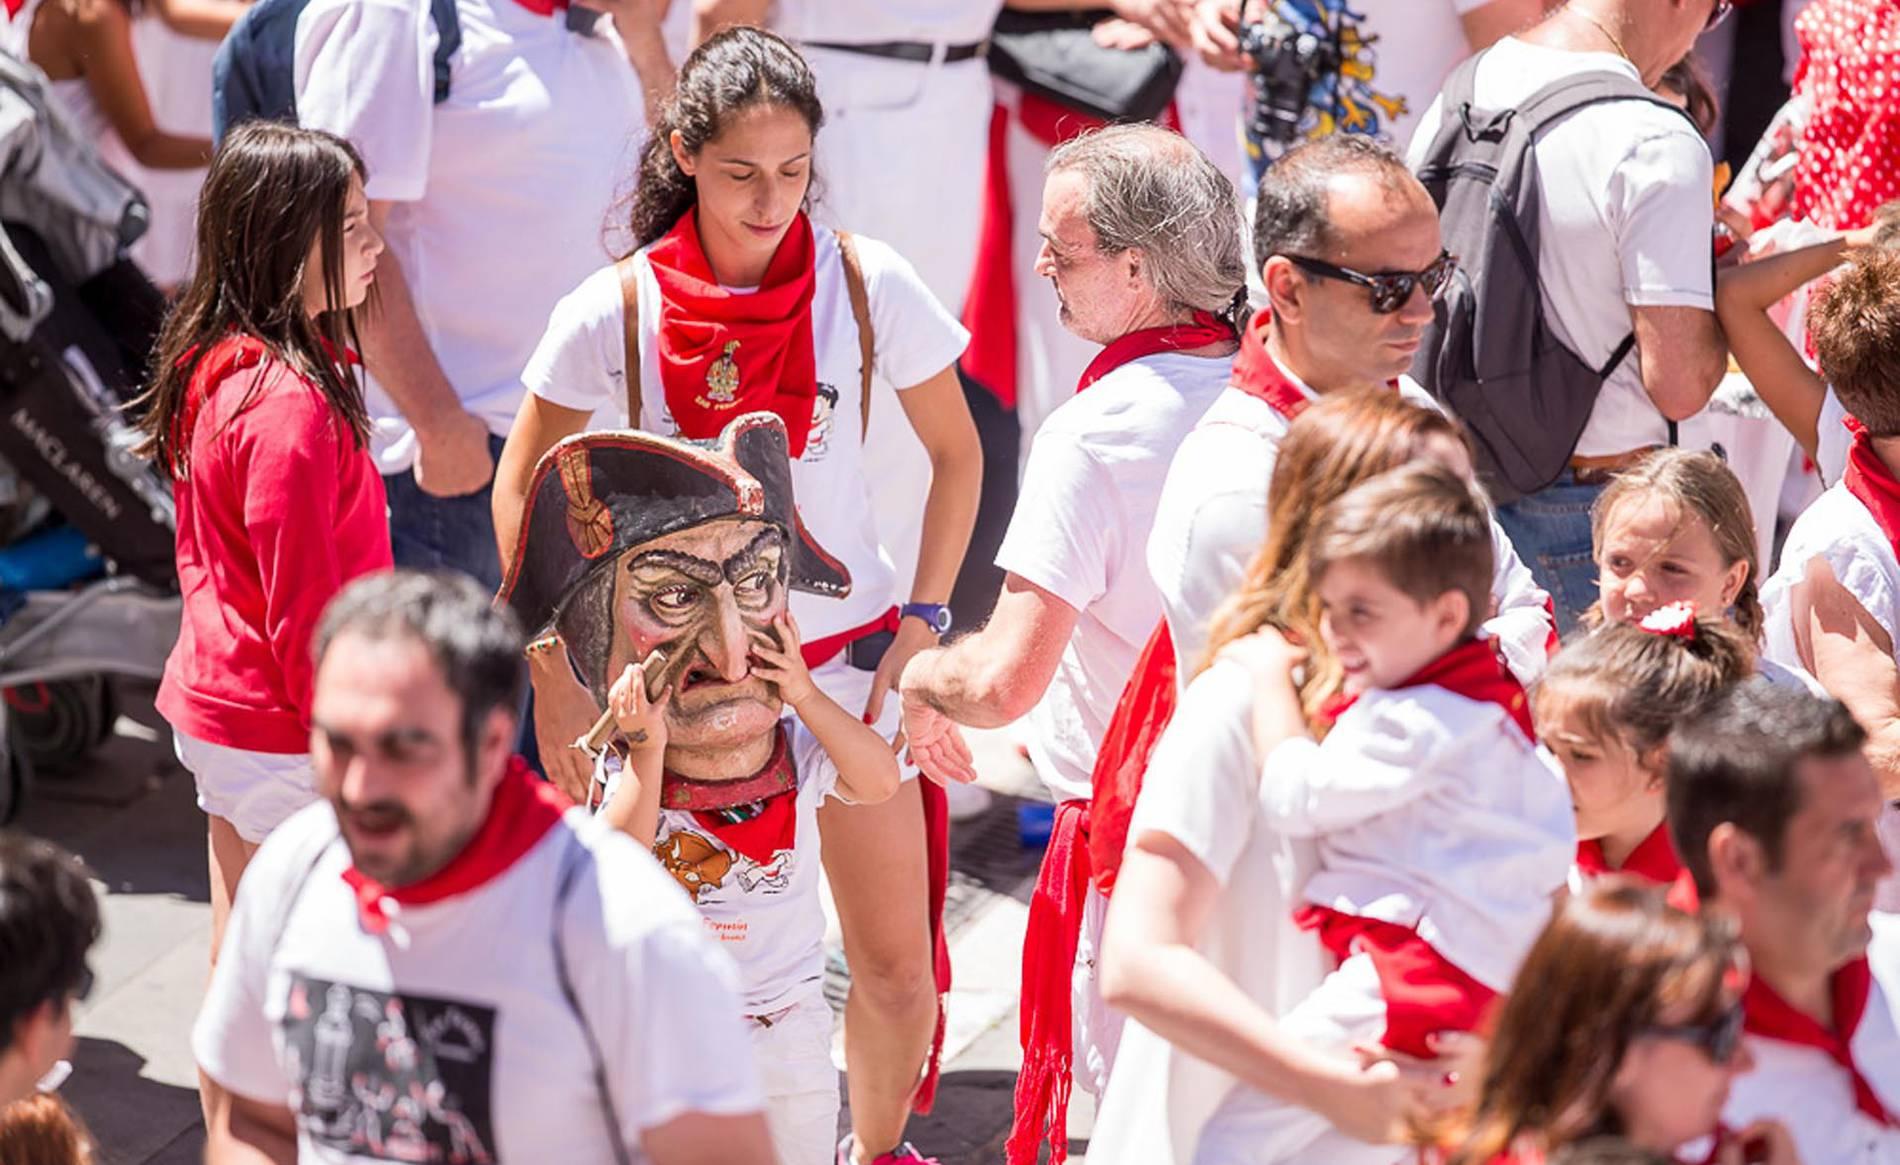 Imágenes de la despedida de los gigantes de San Fermín 2017 (1/173) - Imágenes de la despedida de los gigantes desde la plaza del Ayuntamiento de Pamplona. - Contenidos -